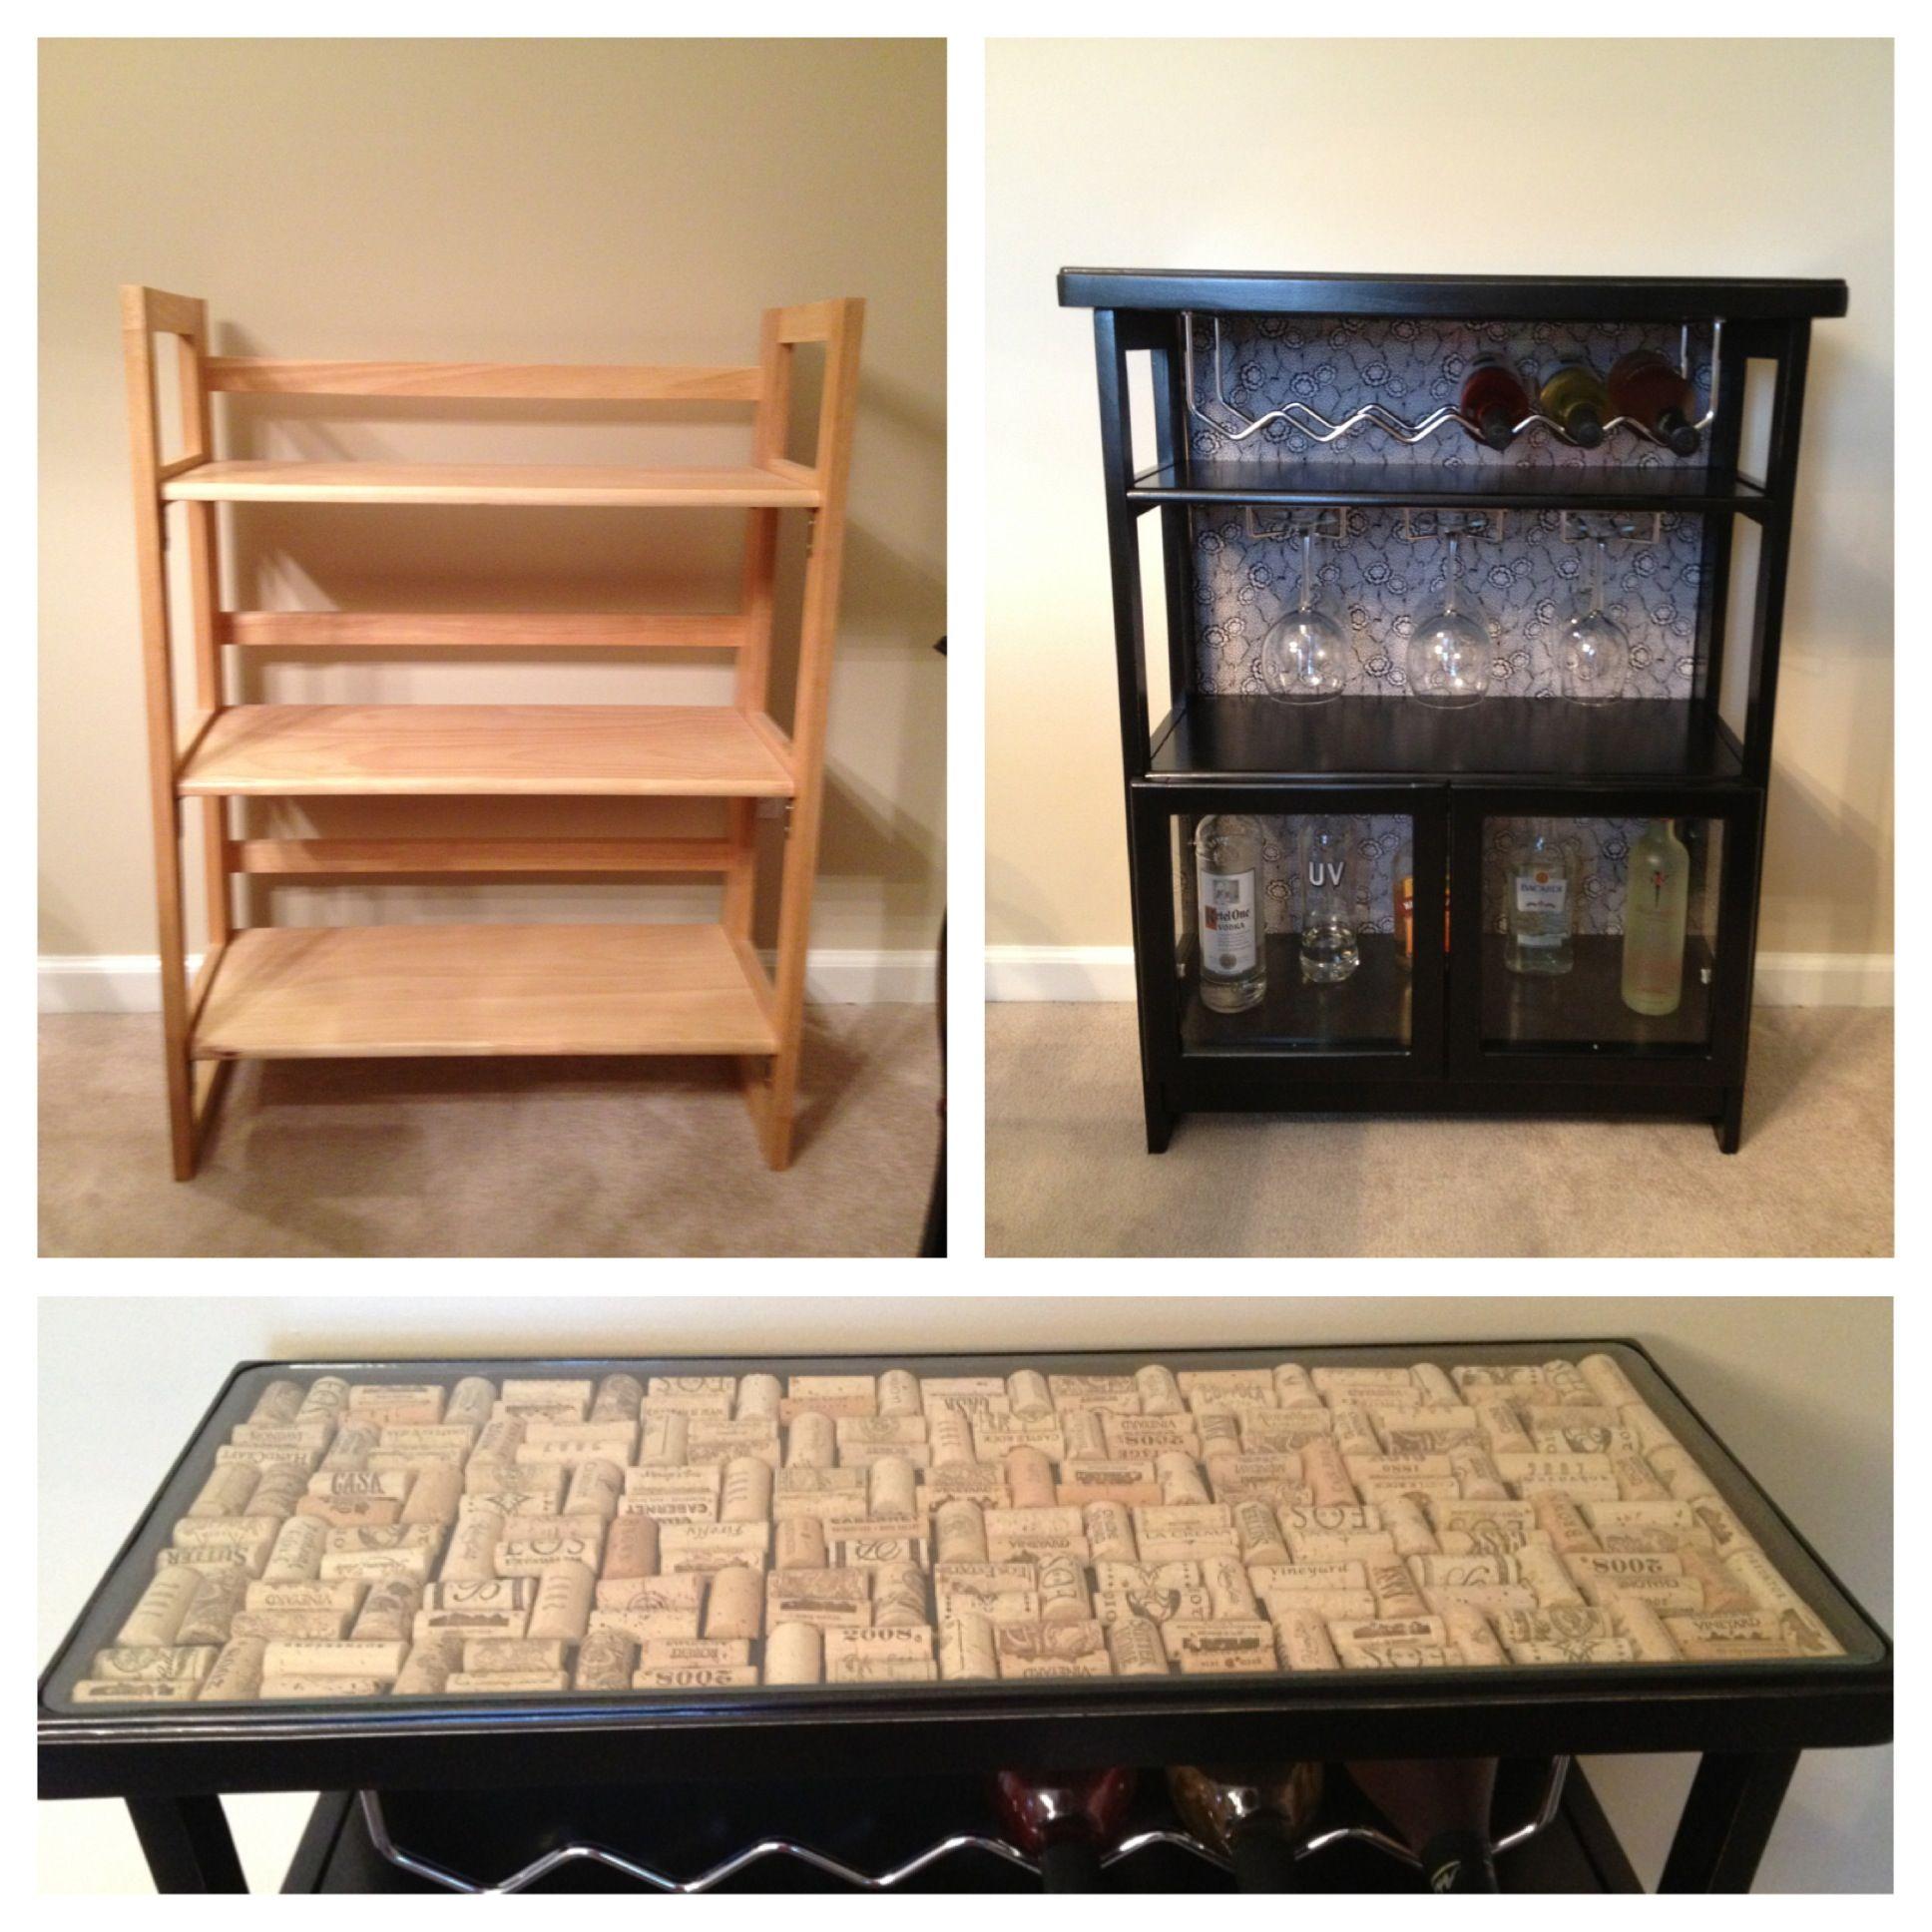 Cheap bookcase into liquor cabinet | Home ideas ...